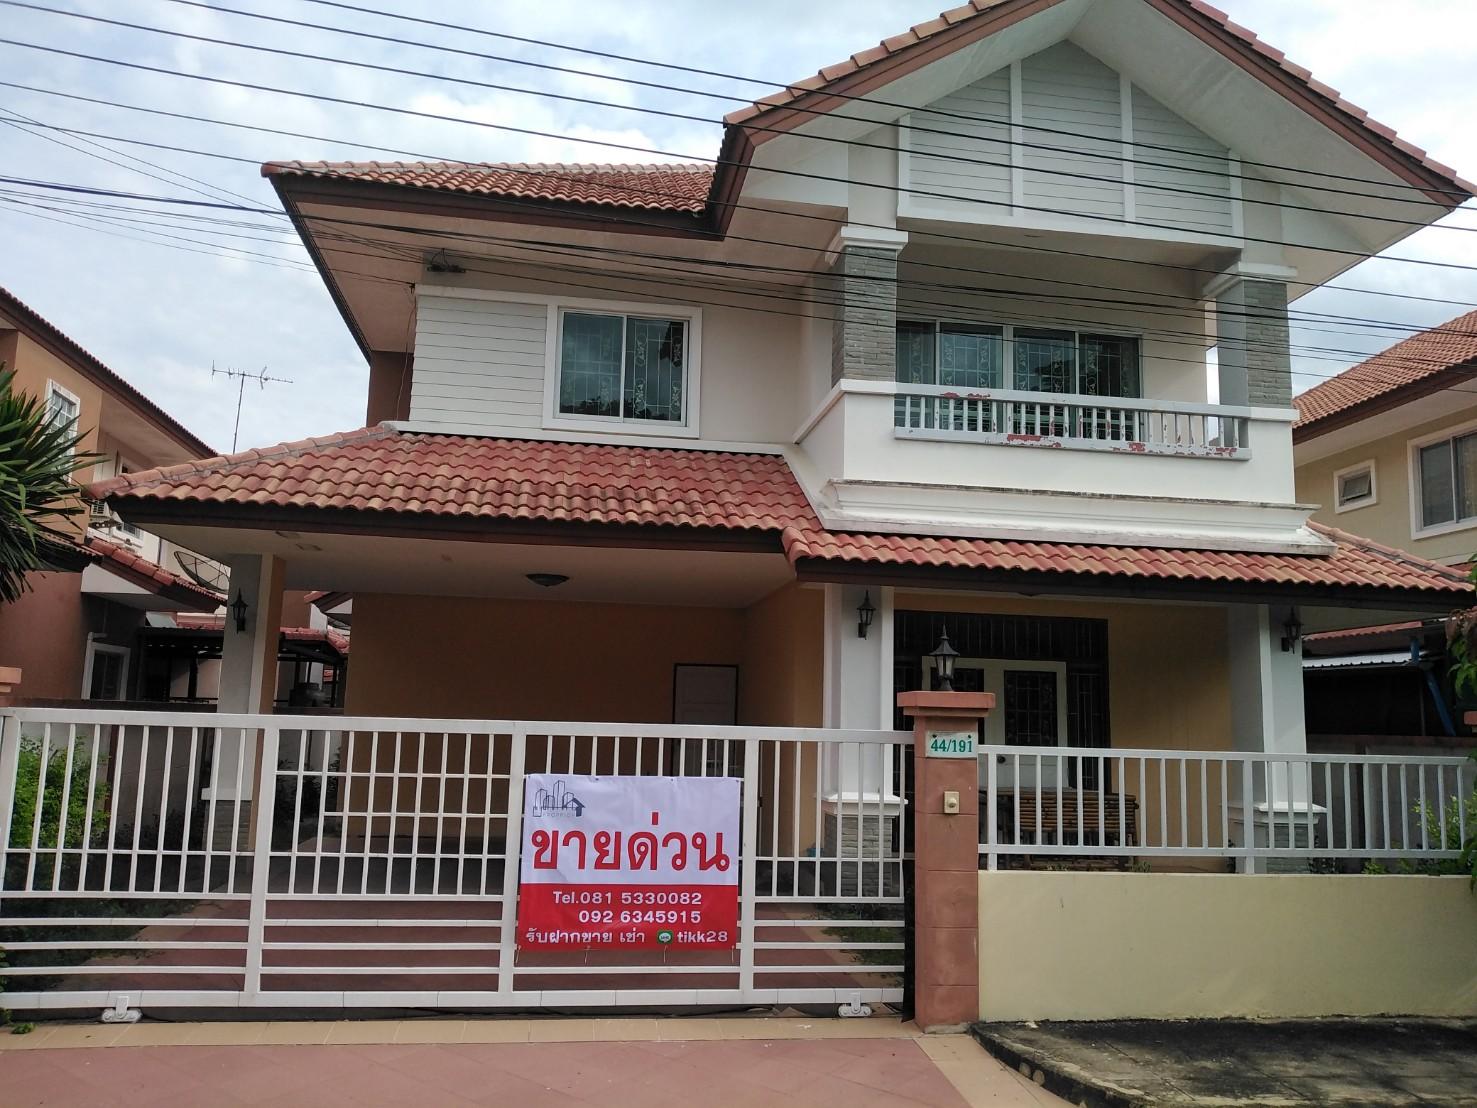 ขาย บ้านเดี่ยว หมู่บ้านพนาสนธิ์ การ์เด้นท์โฮม 8